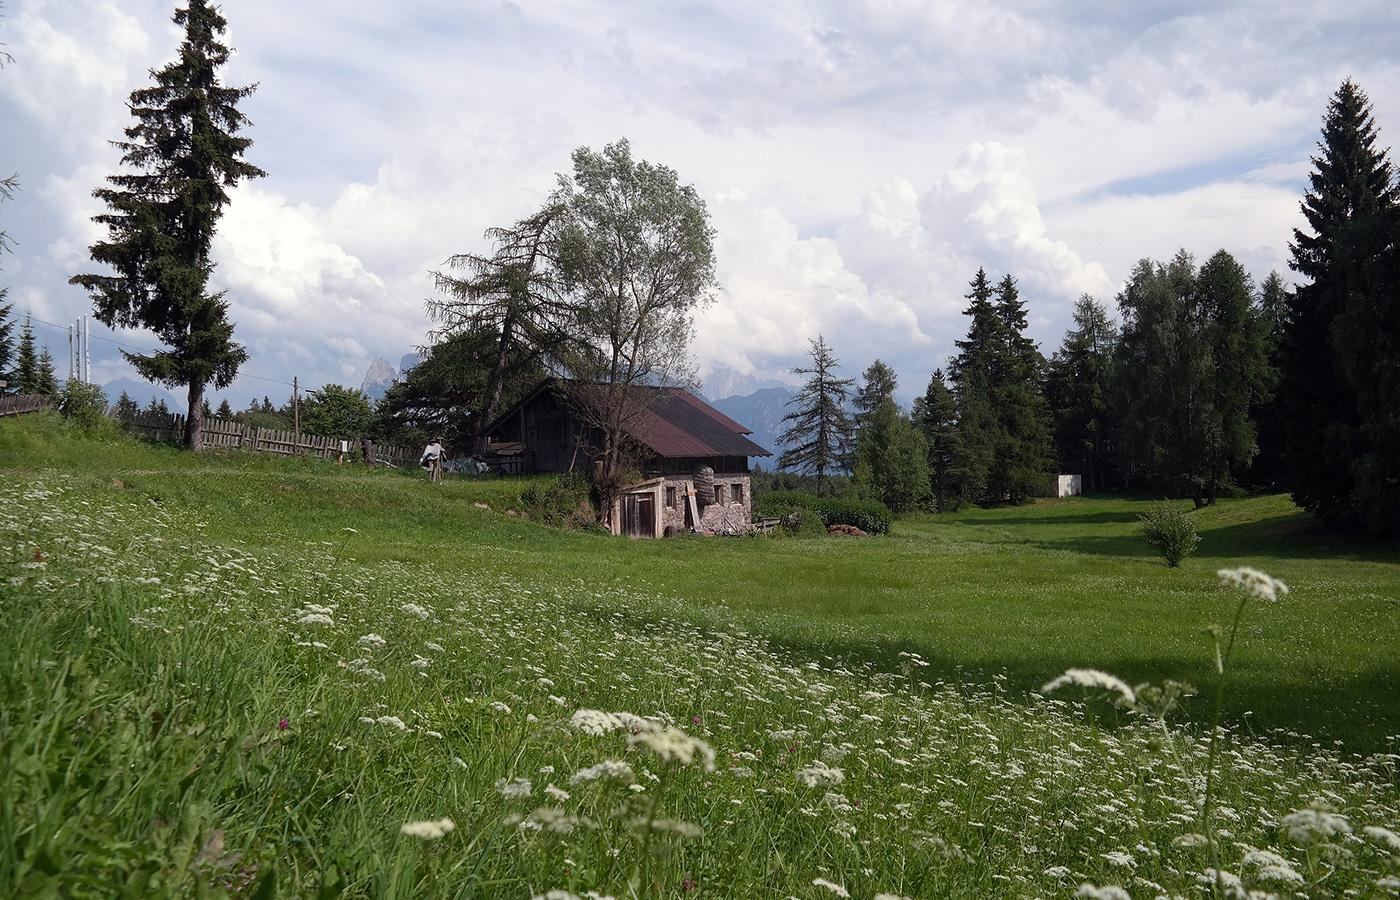 Waldhotel Tann - Das ****TANN liegt idyllisch an einer Waldlichtung bei Klobenstein, Ritten - Südtirol ✓ atemberaubendes Panorama ✓ Ruhe & Erholung ✓ Kraftplatz.